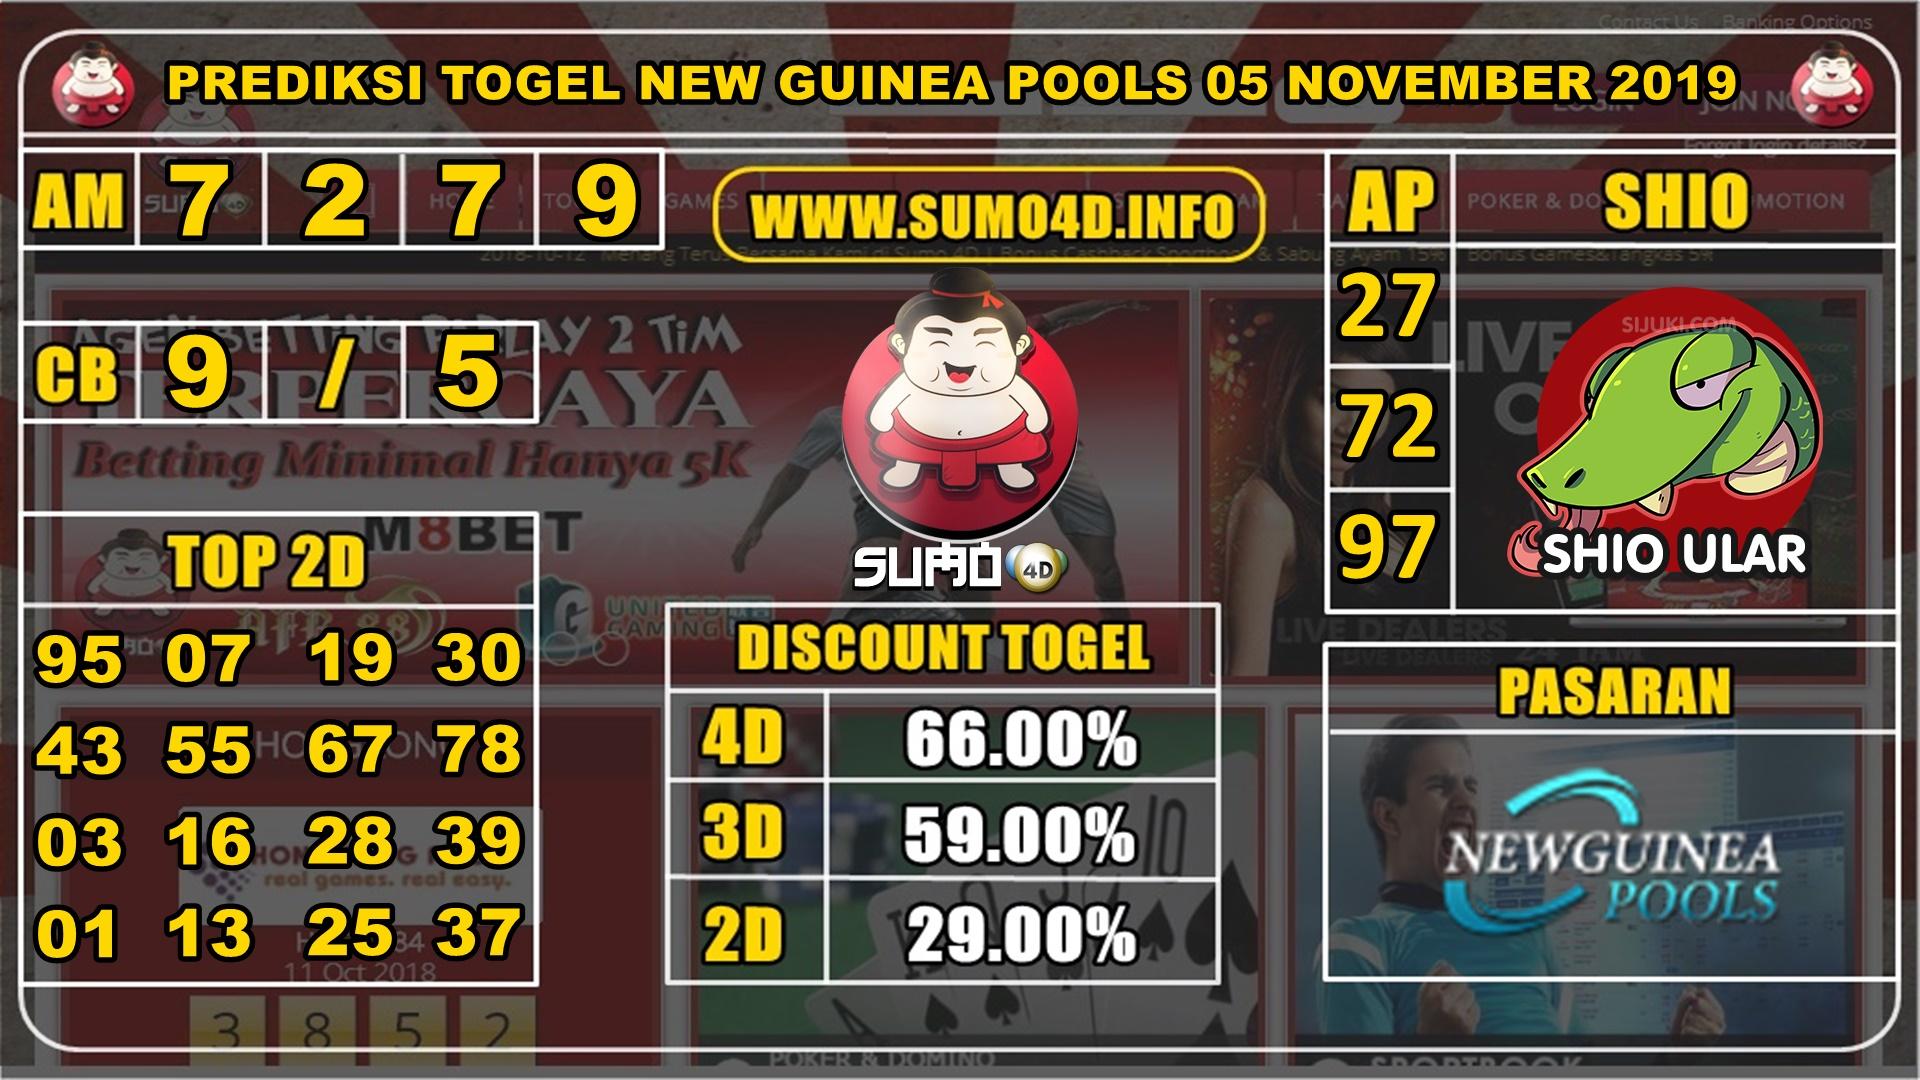 PREDIKSI TOGEL NEW GUINEA POOLS 05 NOVEMBER 2019